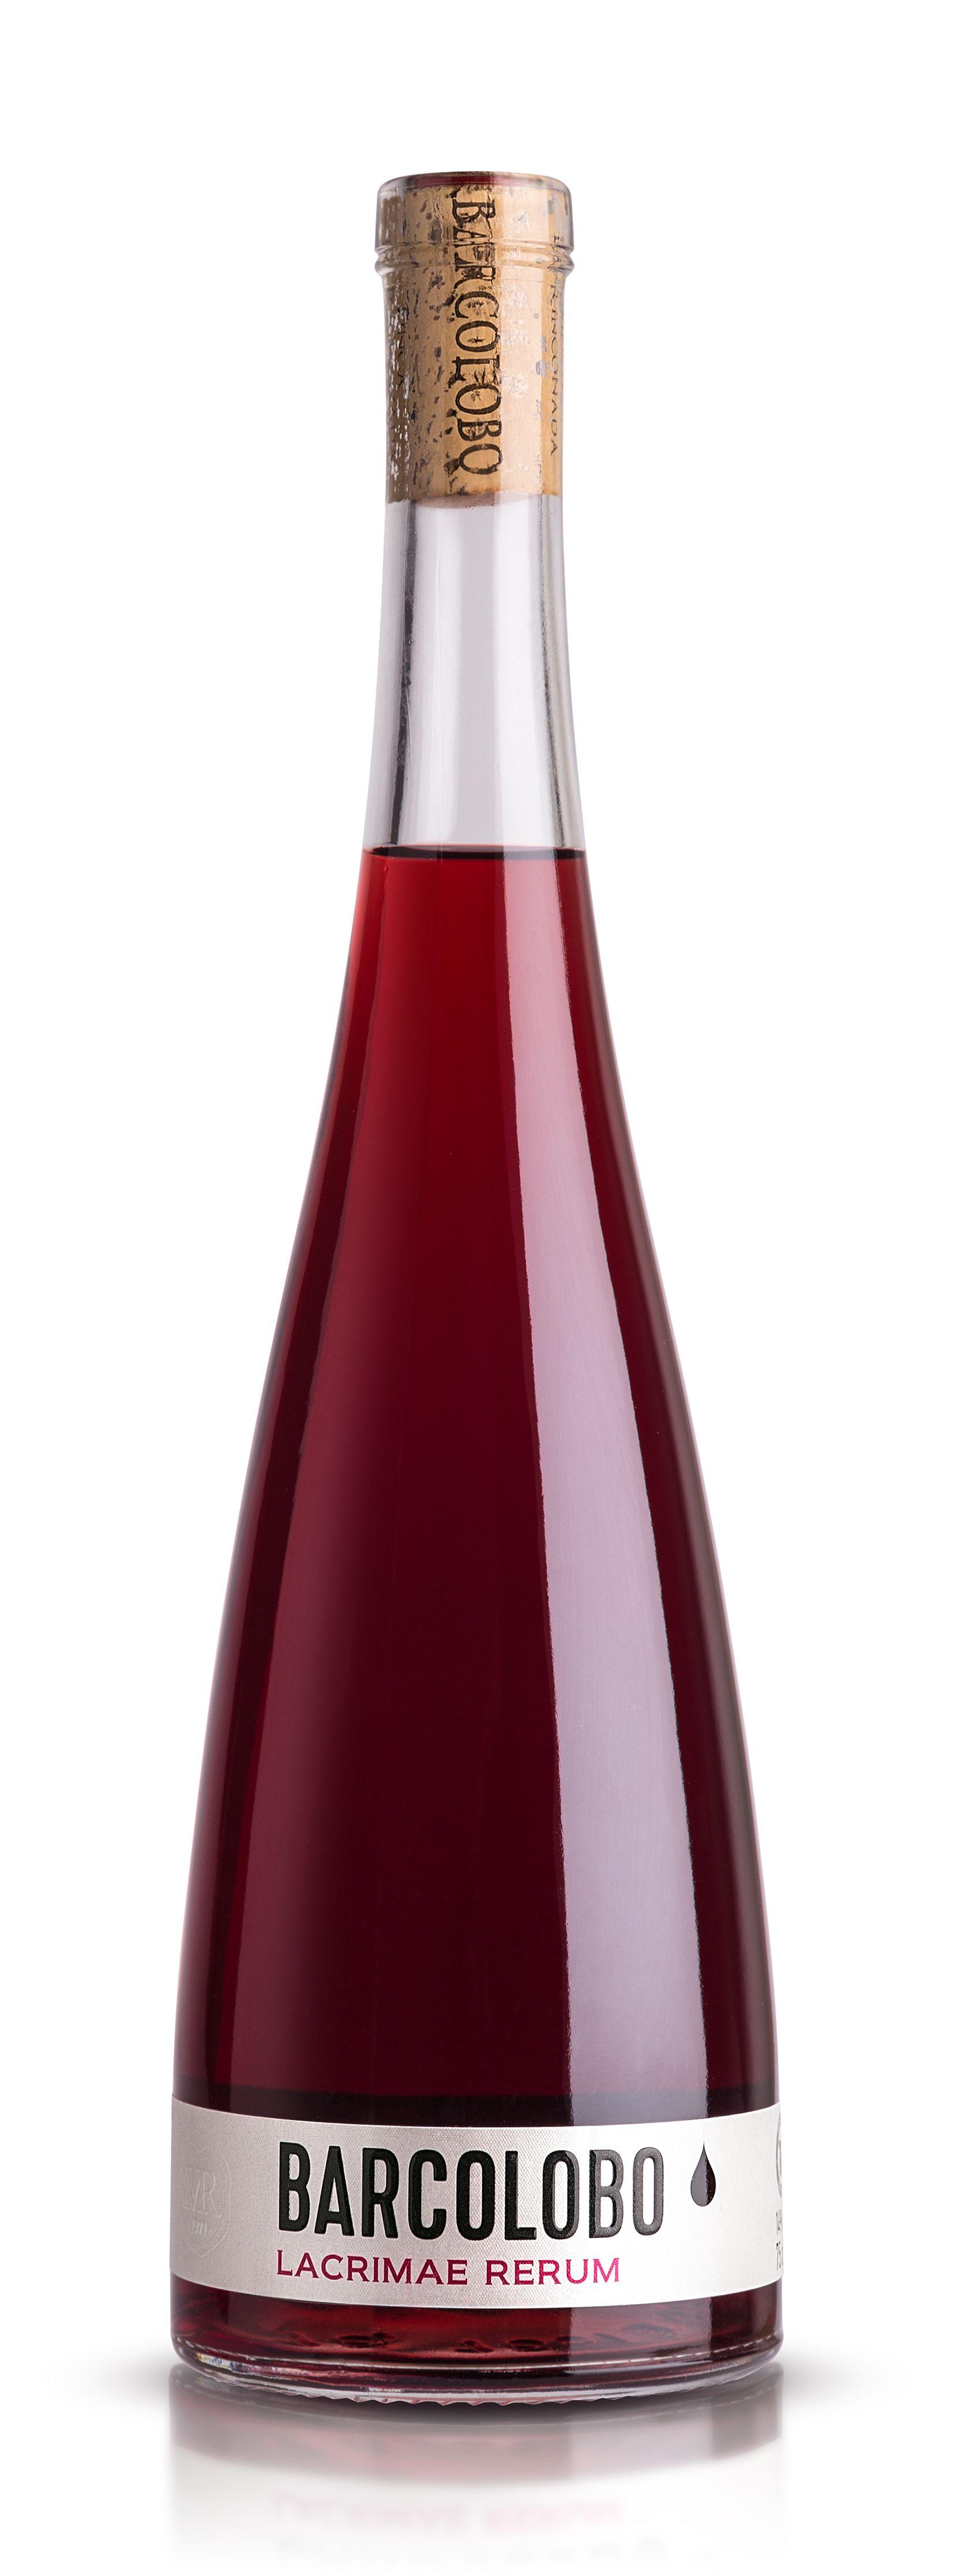 Barcolobo Lacrimae Rerum Botellas De Licor Botellas De Aceite De Oliva Botellas De Vino